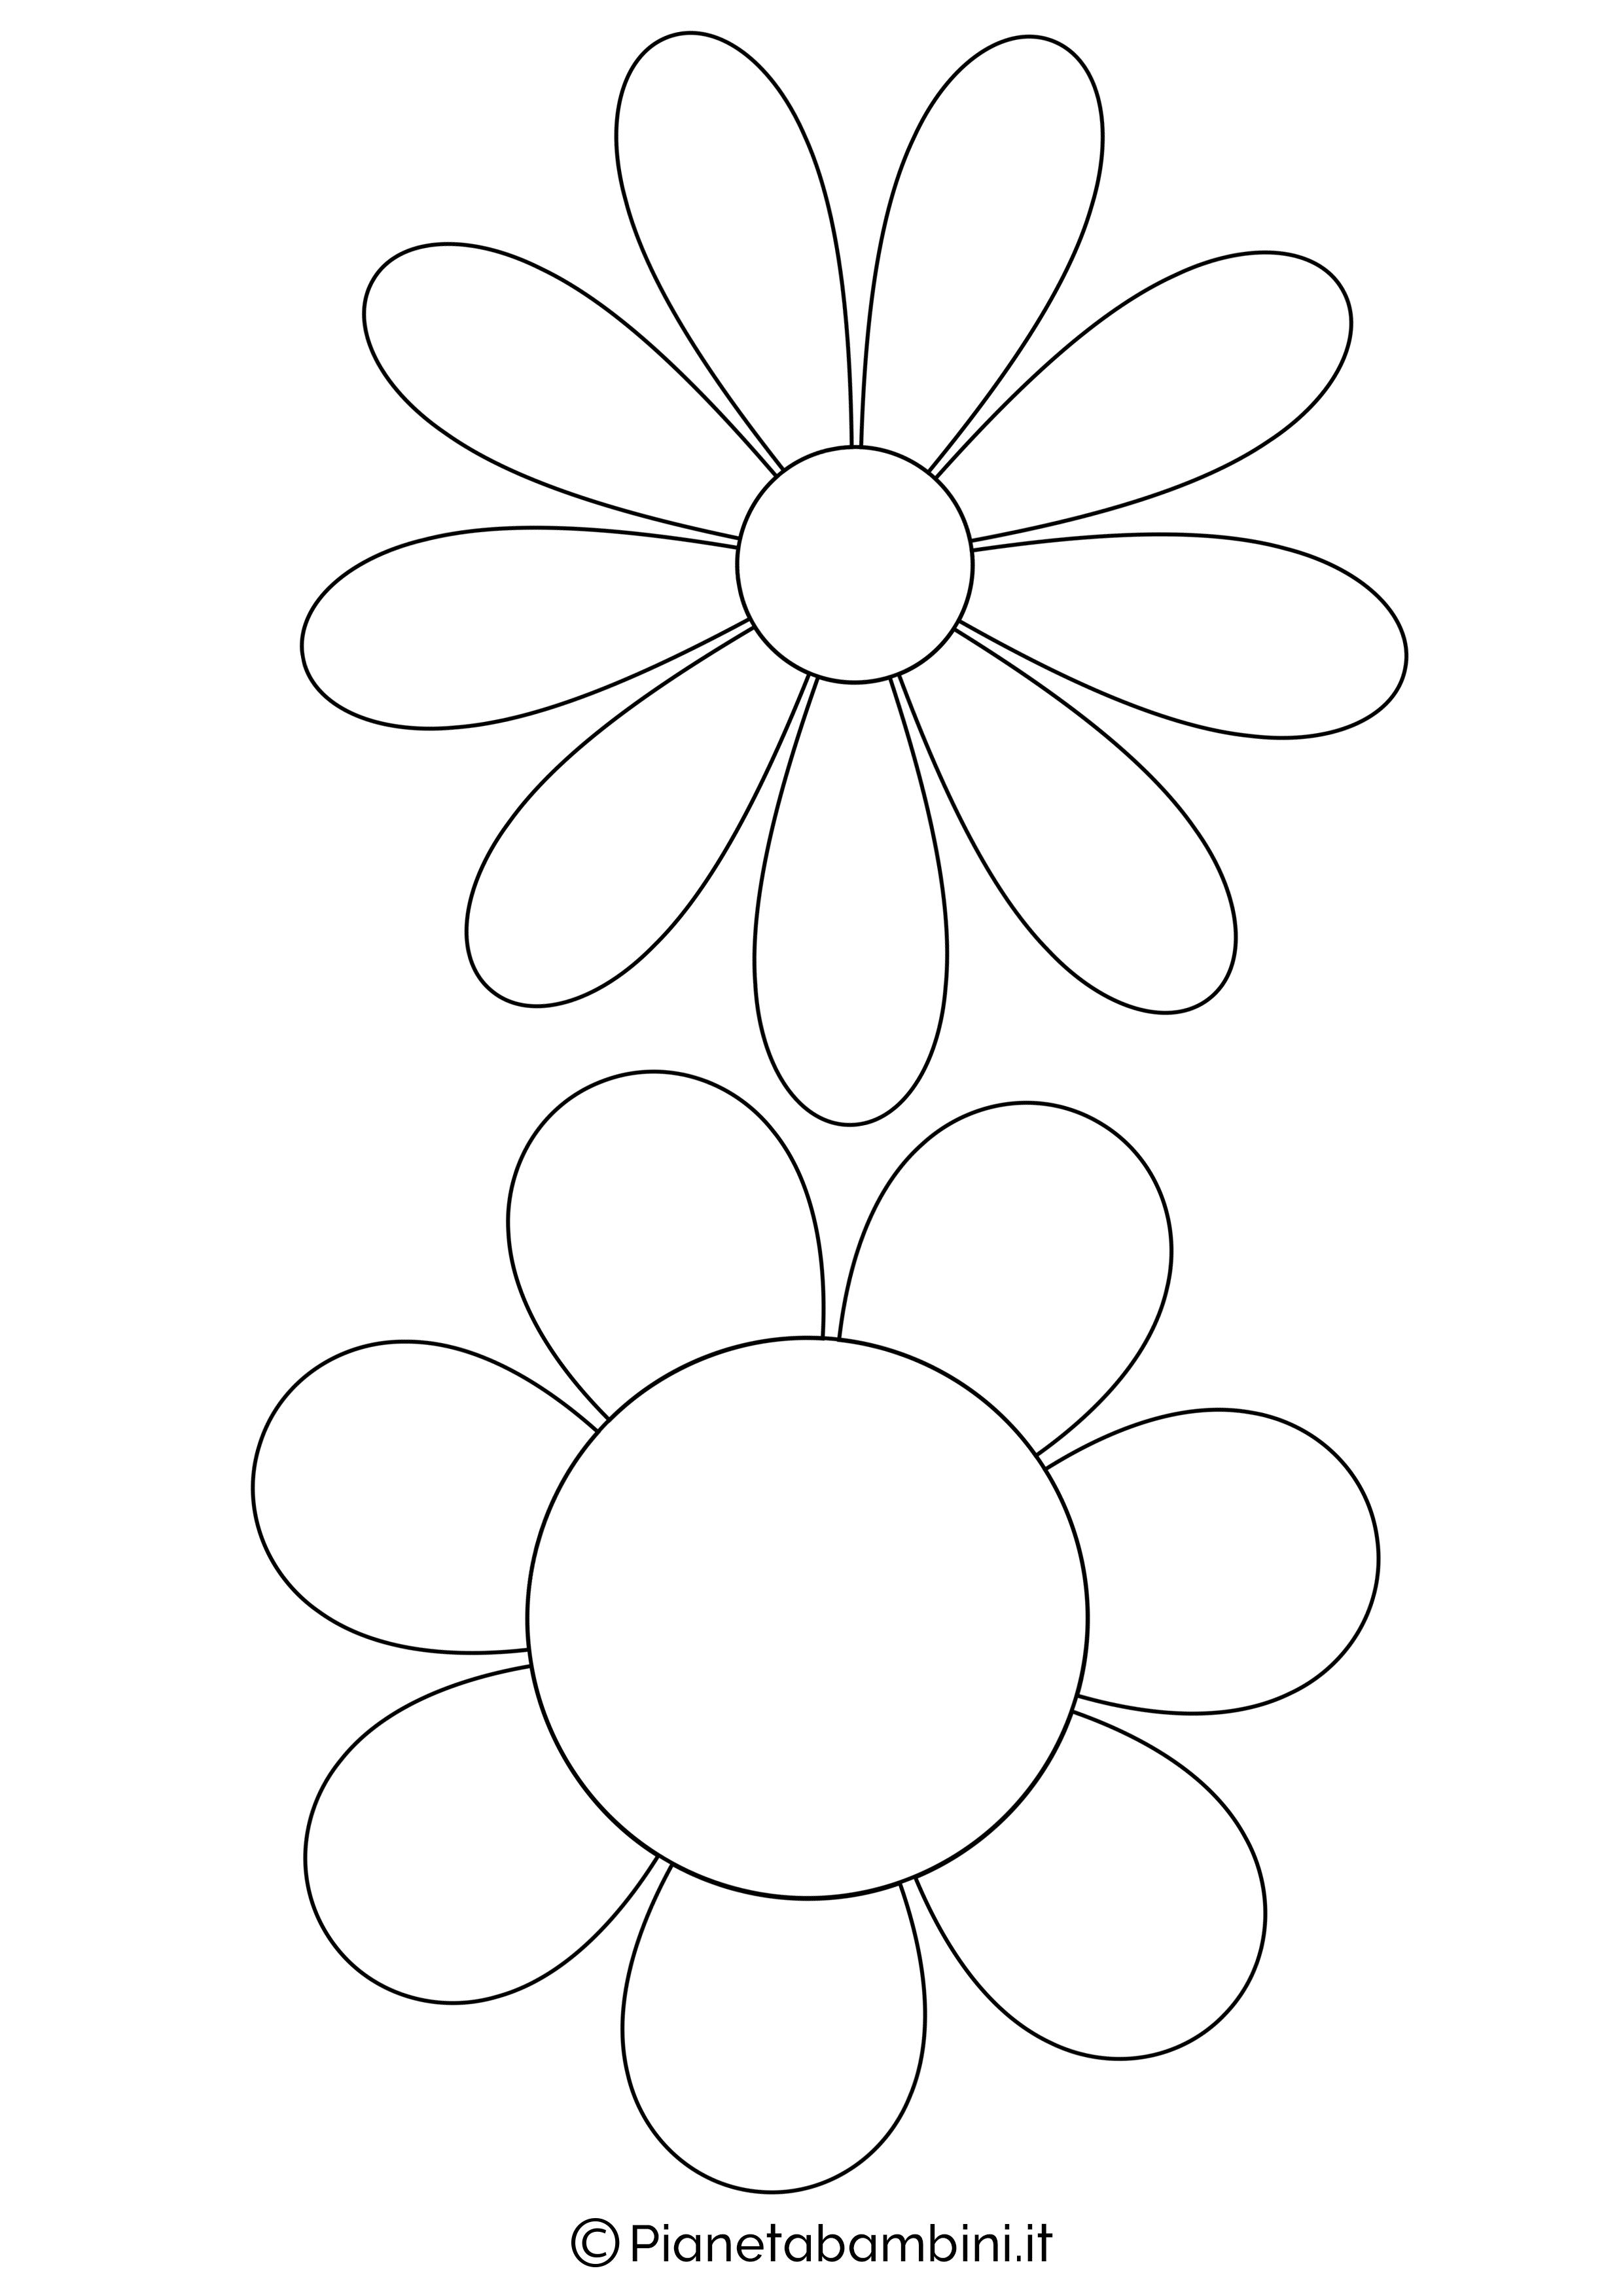 81 Sagome Di Fiori Da Colorare E Ritagliare Per Bambini Fiori Da Stampare Illustrazioni Floreali Disegno Fiori